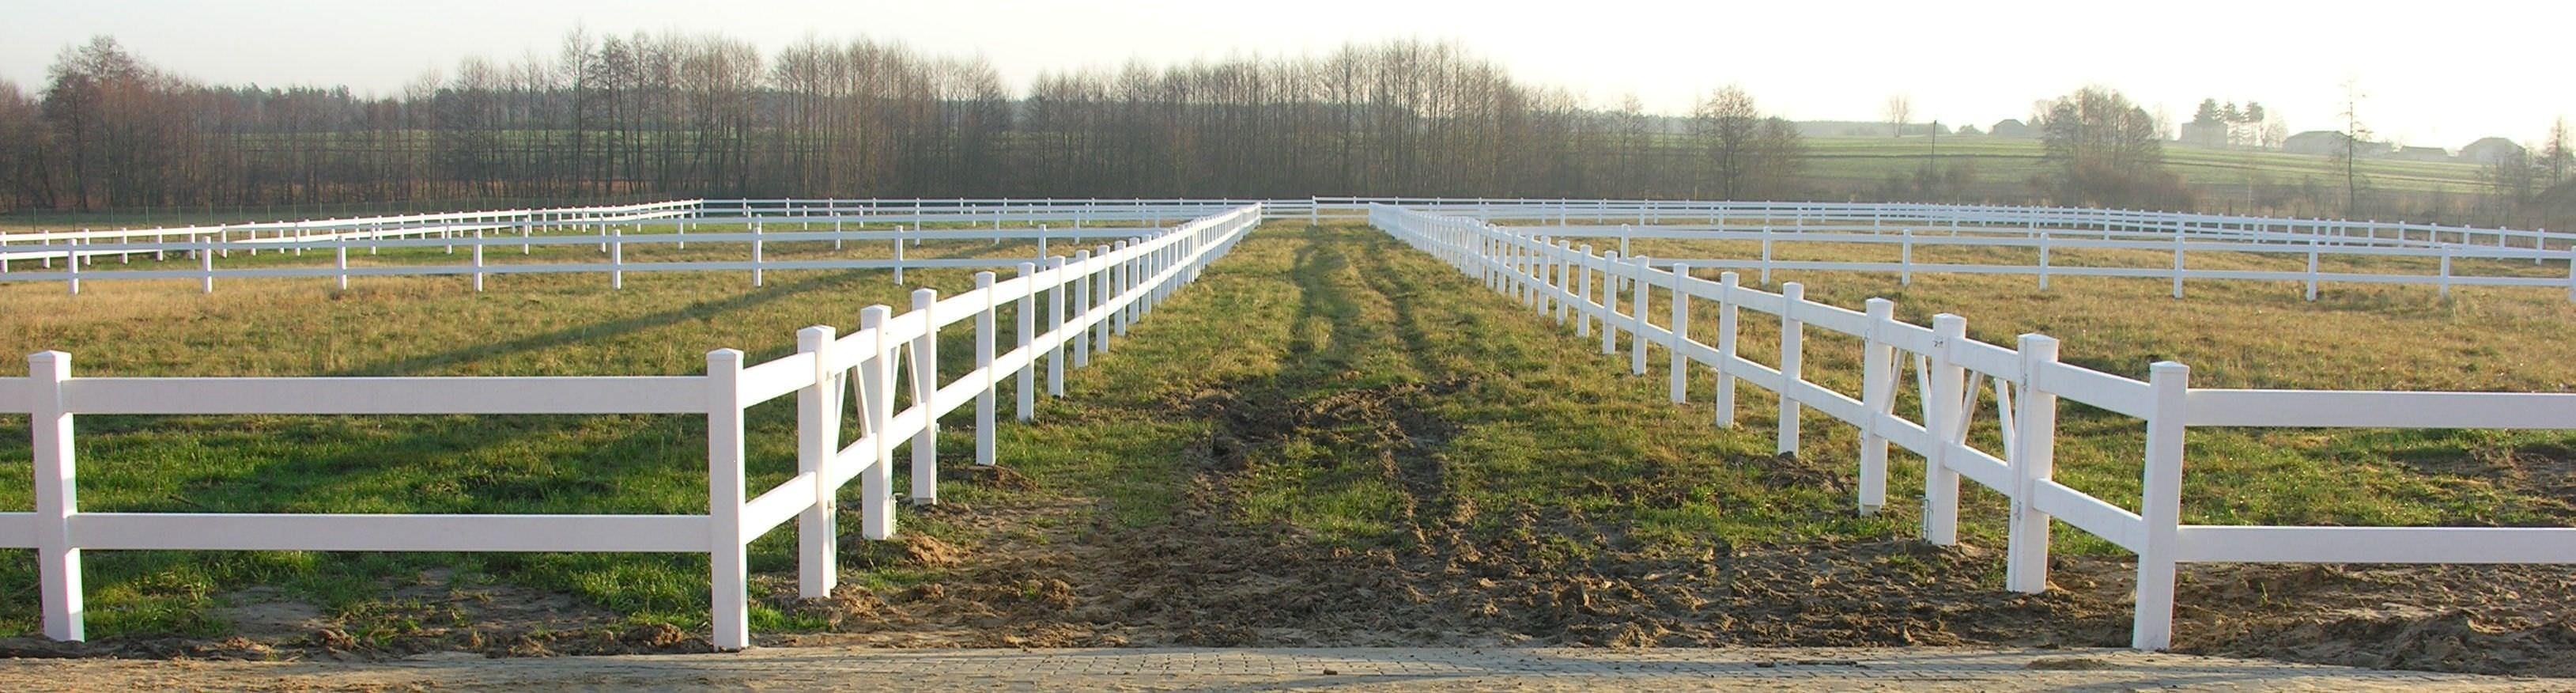 Zaun für Grünanlagen Stangen Holz FARMER 2 Top Fence